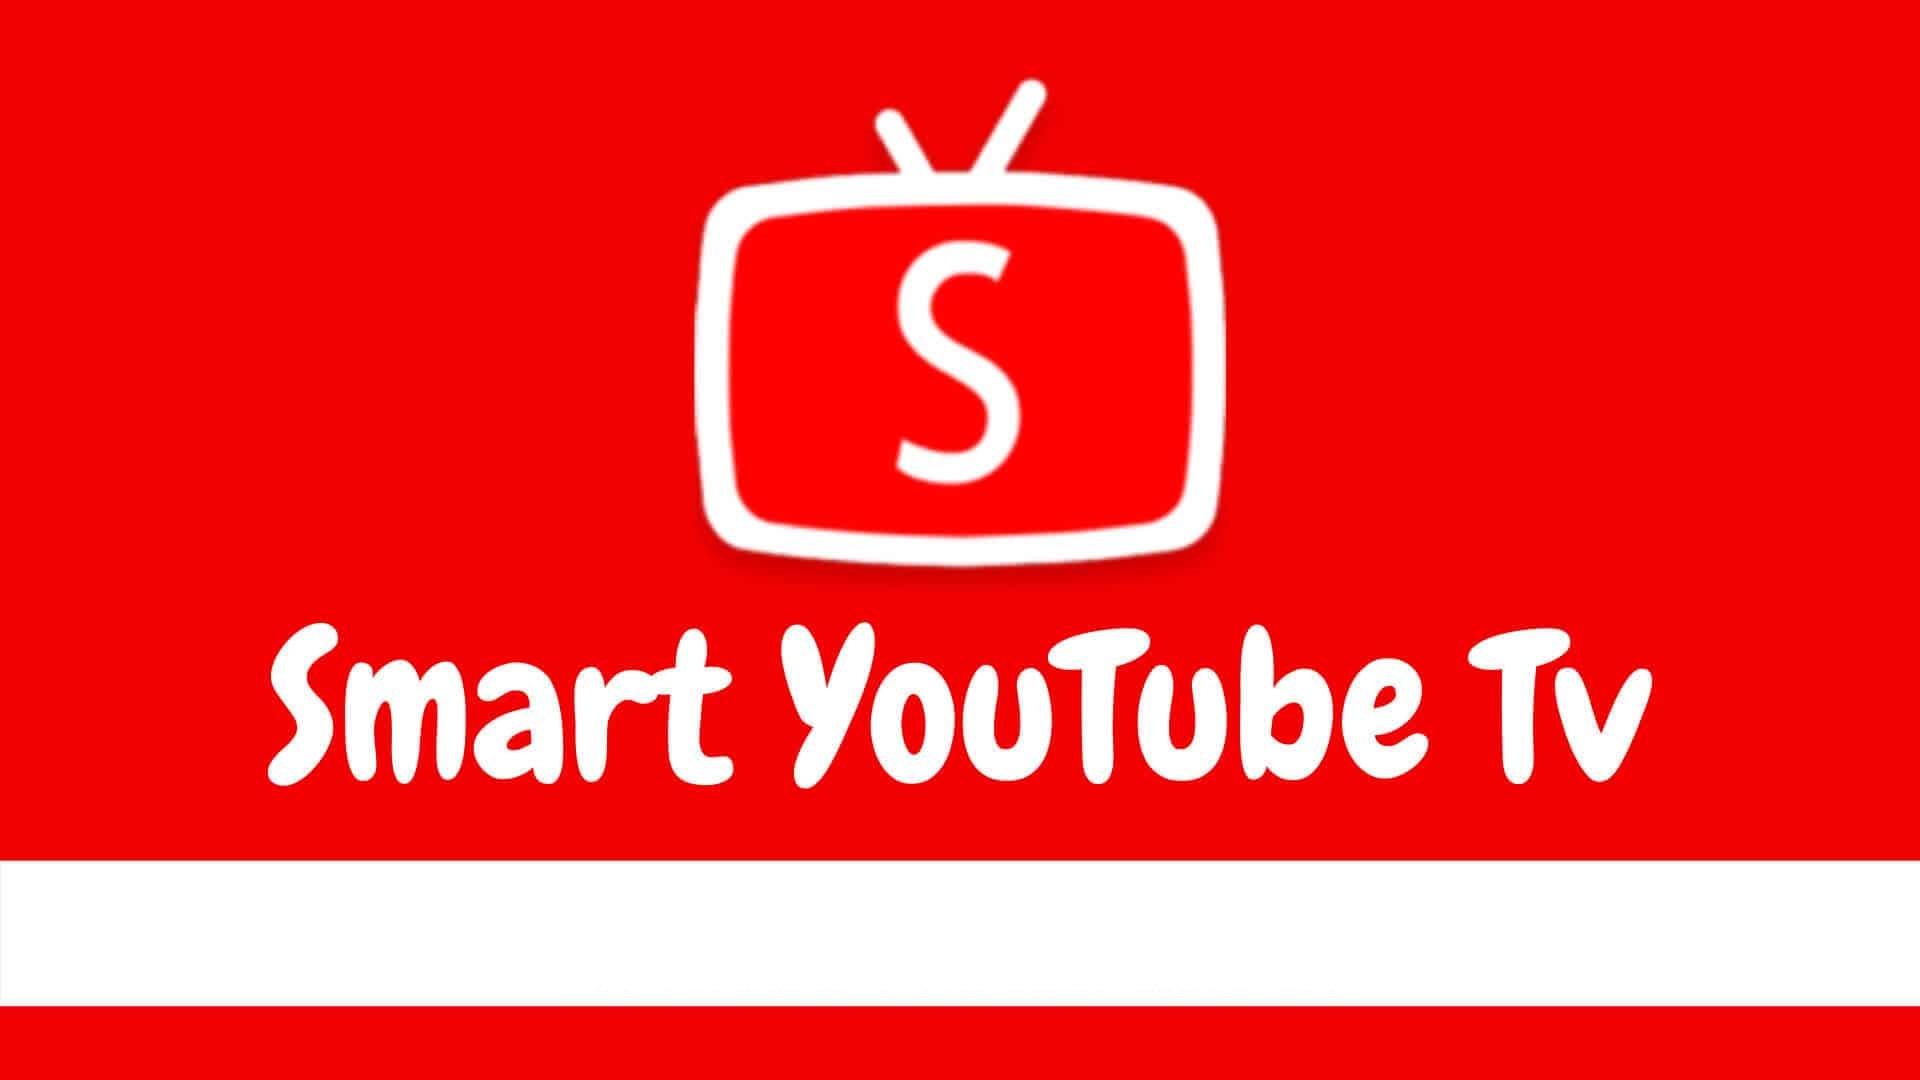 Smart-youtube-tv.jpg?1612177329248